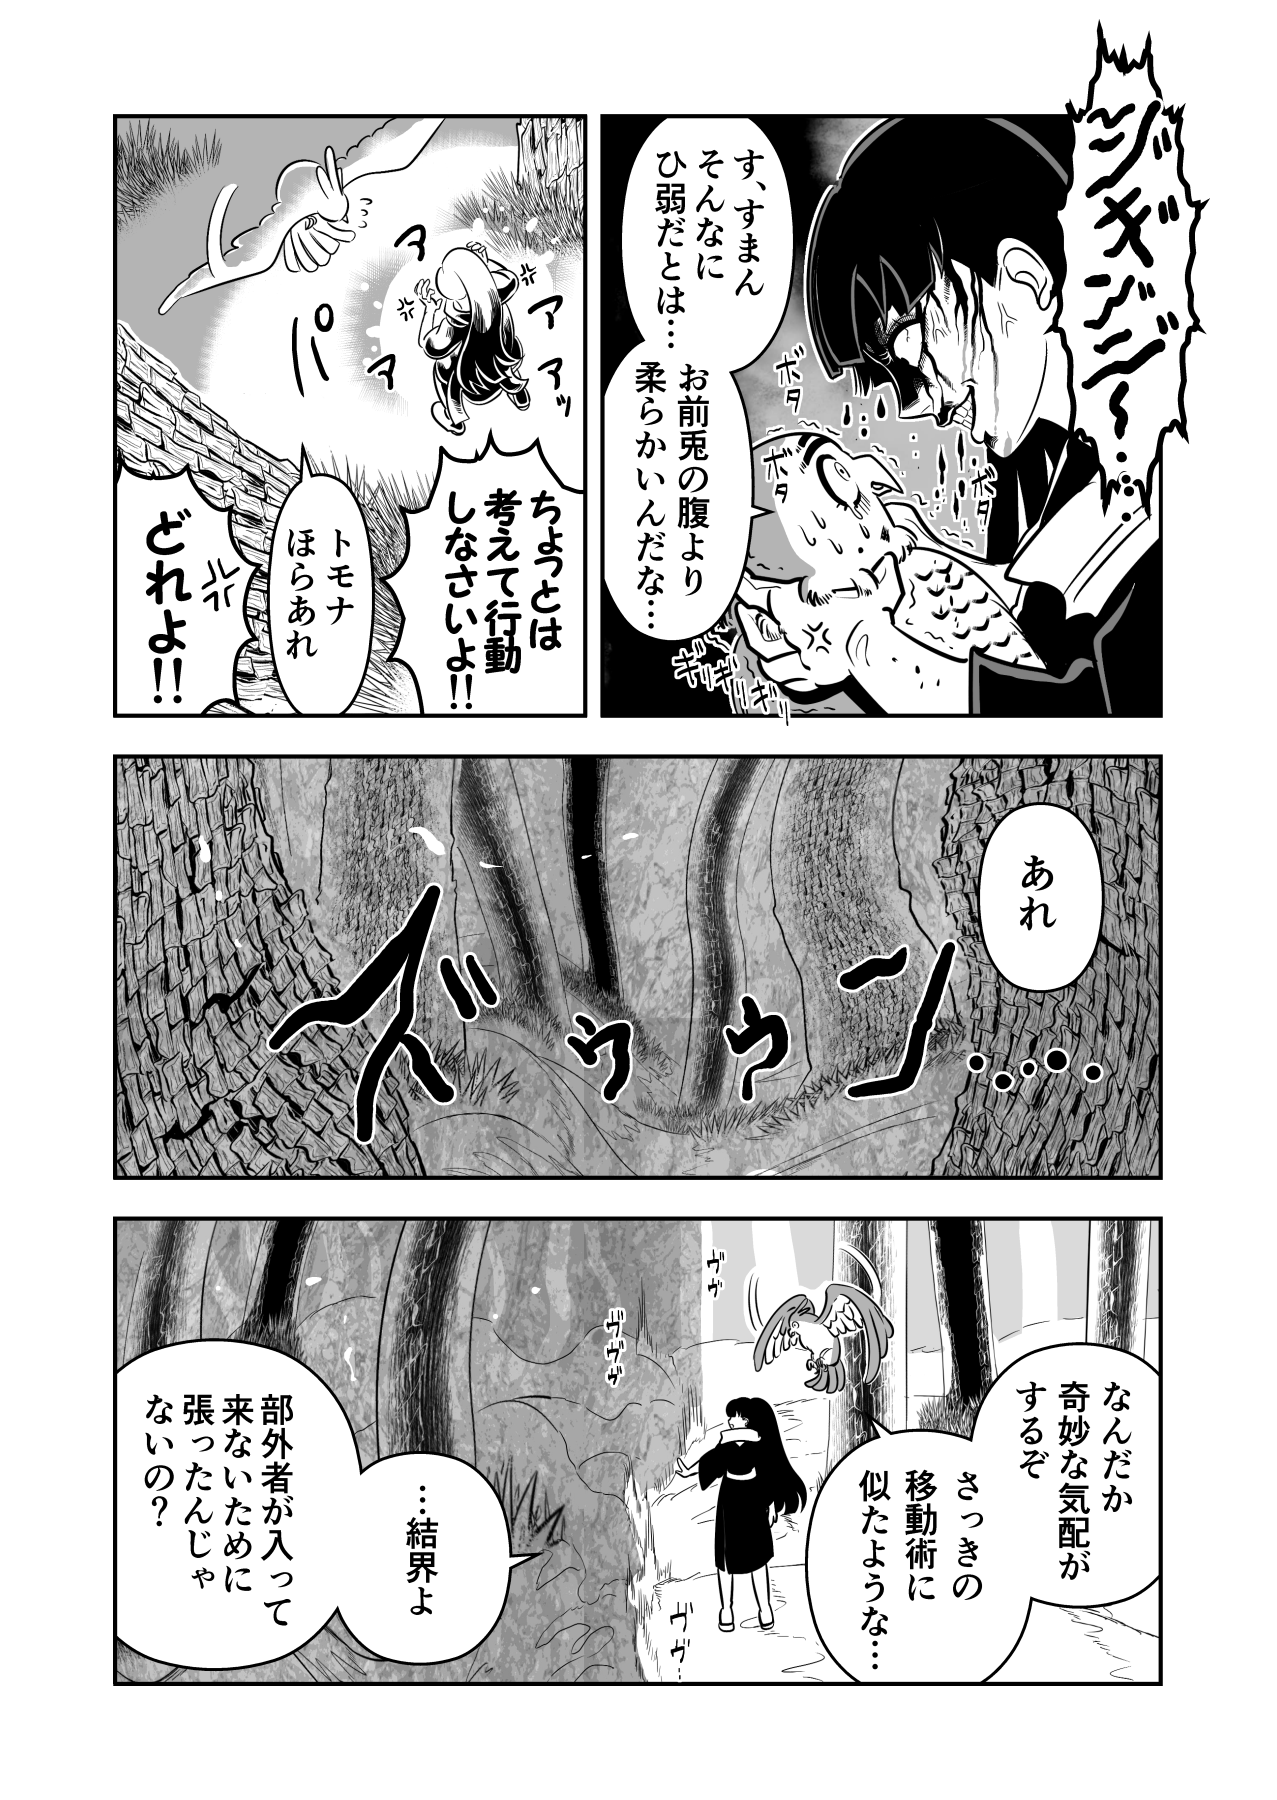 ヤサグレ魔女とグリザベッラと魔女の使い魔0088